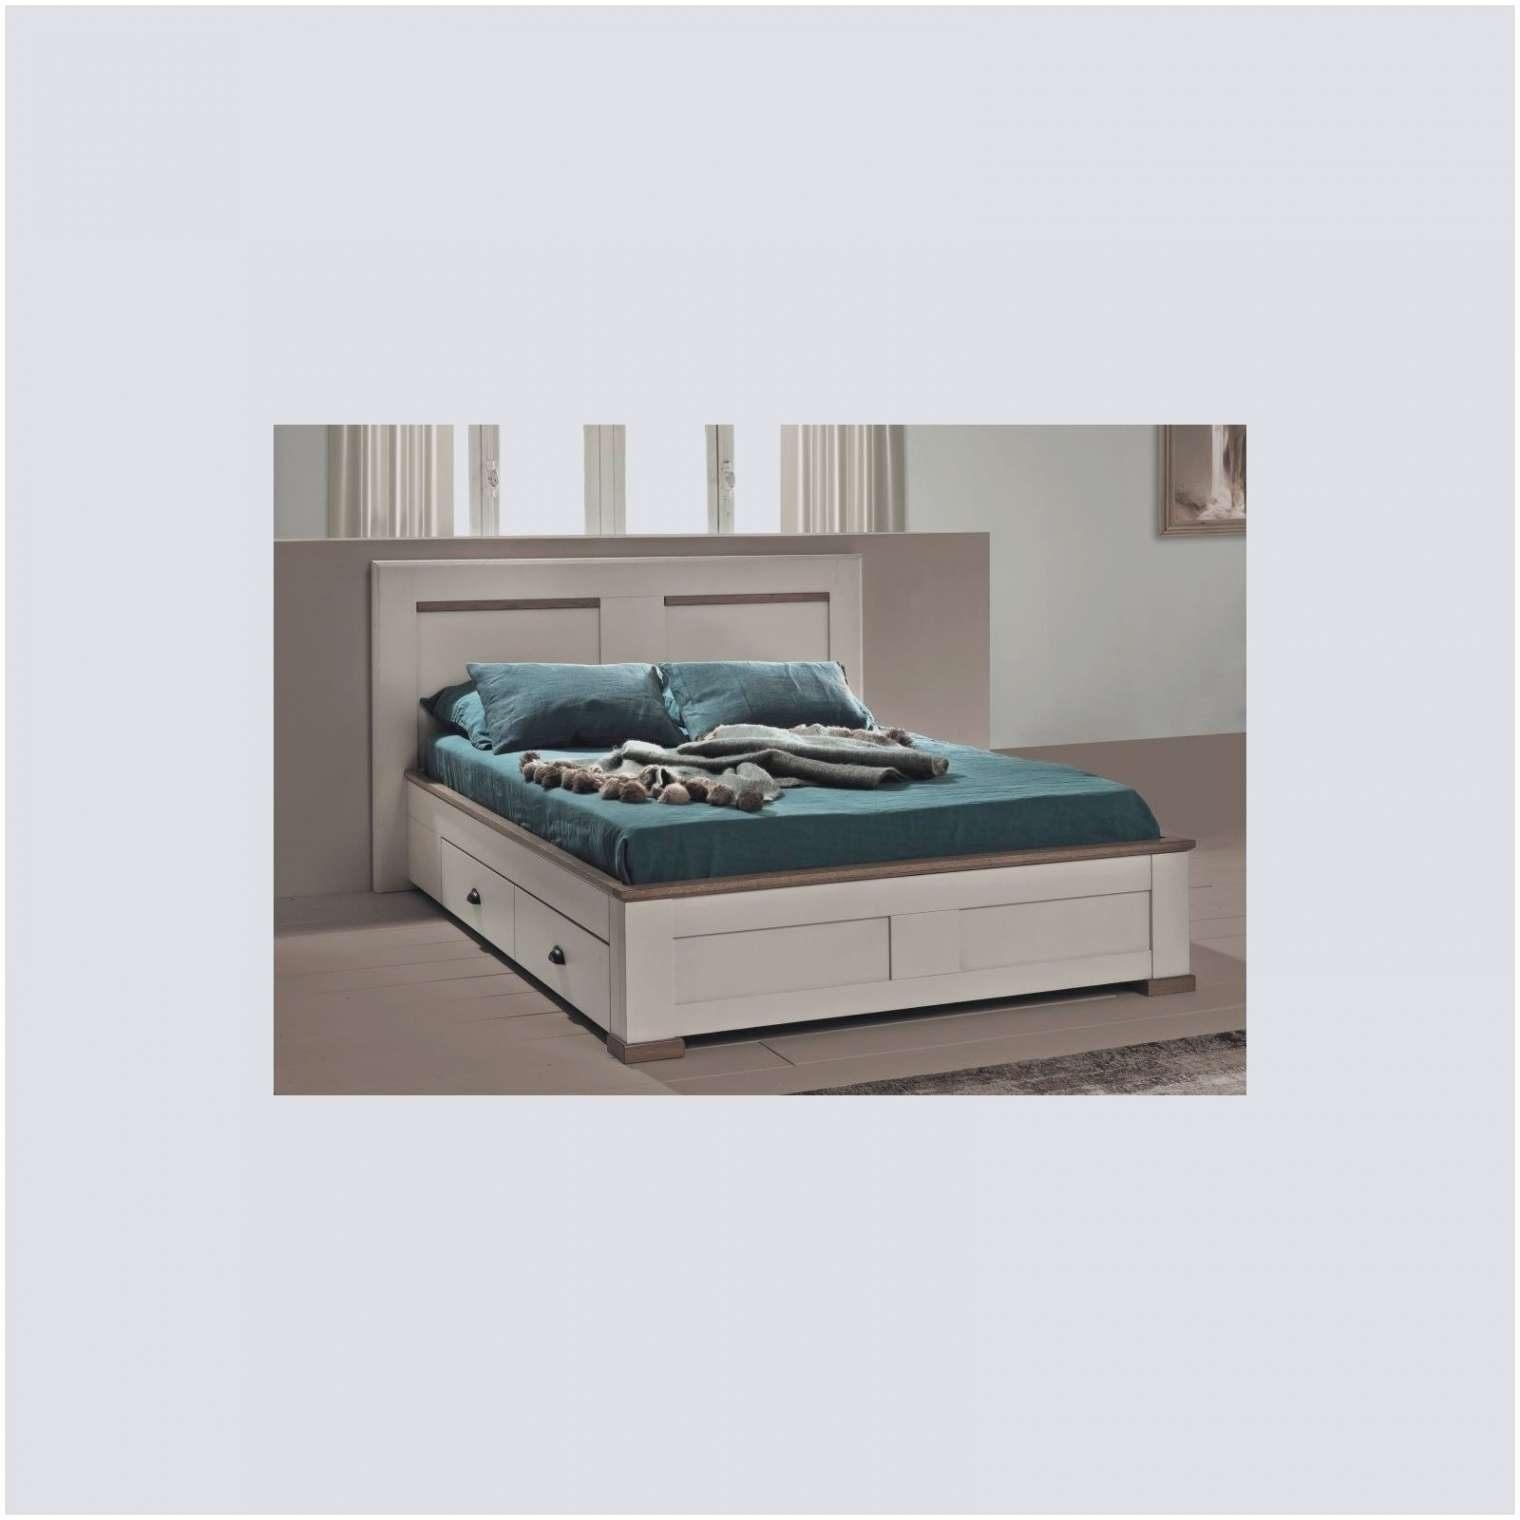 Lit 140×190 Ikea Élégant Frais Schreibtisch Klappbar Wand Schreibtisch Ergonomie Stichworte